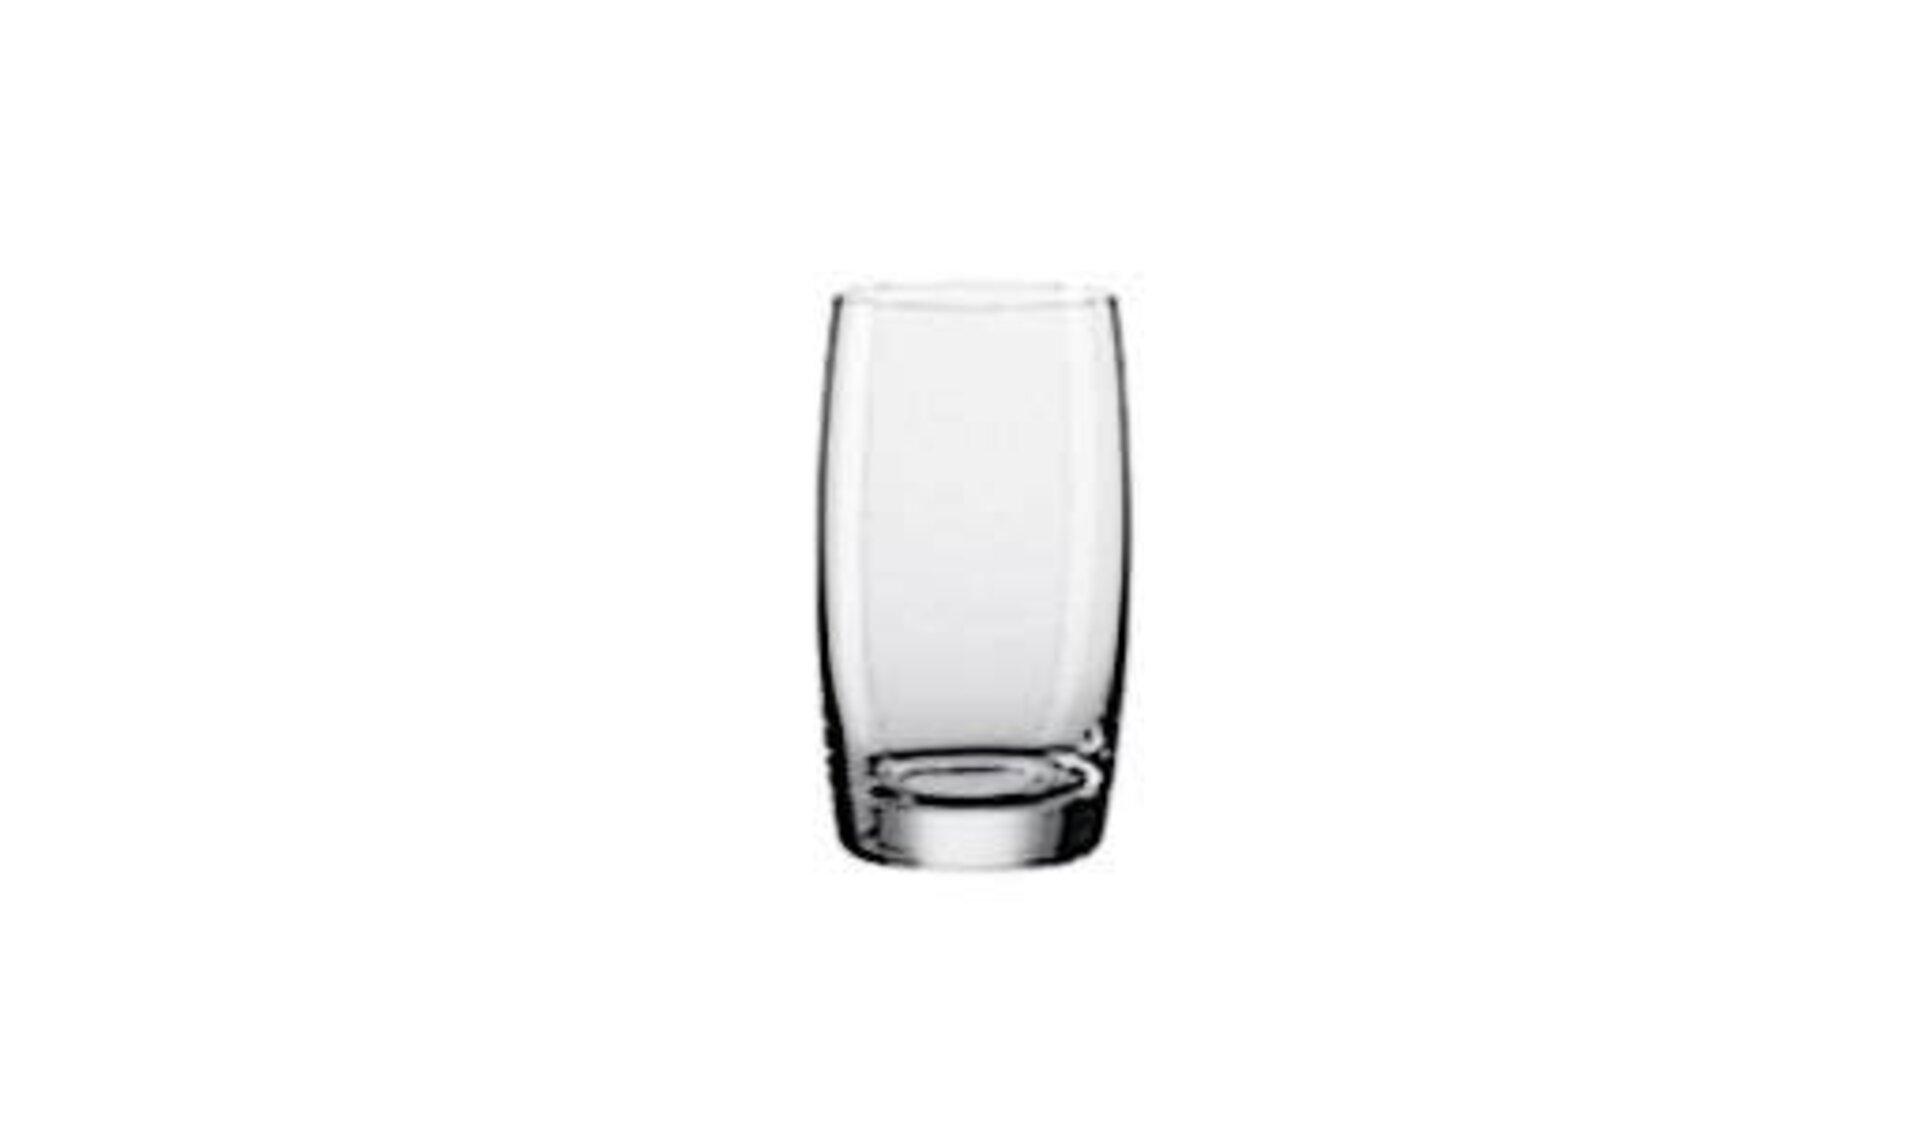 Icon für Trinkgläser ist das typische Glas in edlem, runden Design.